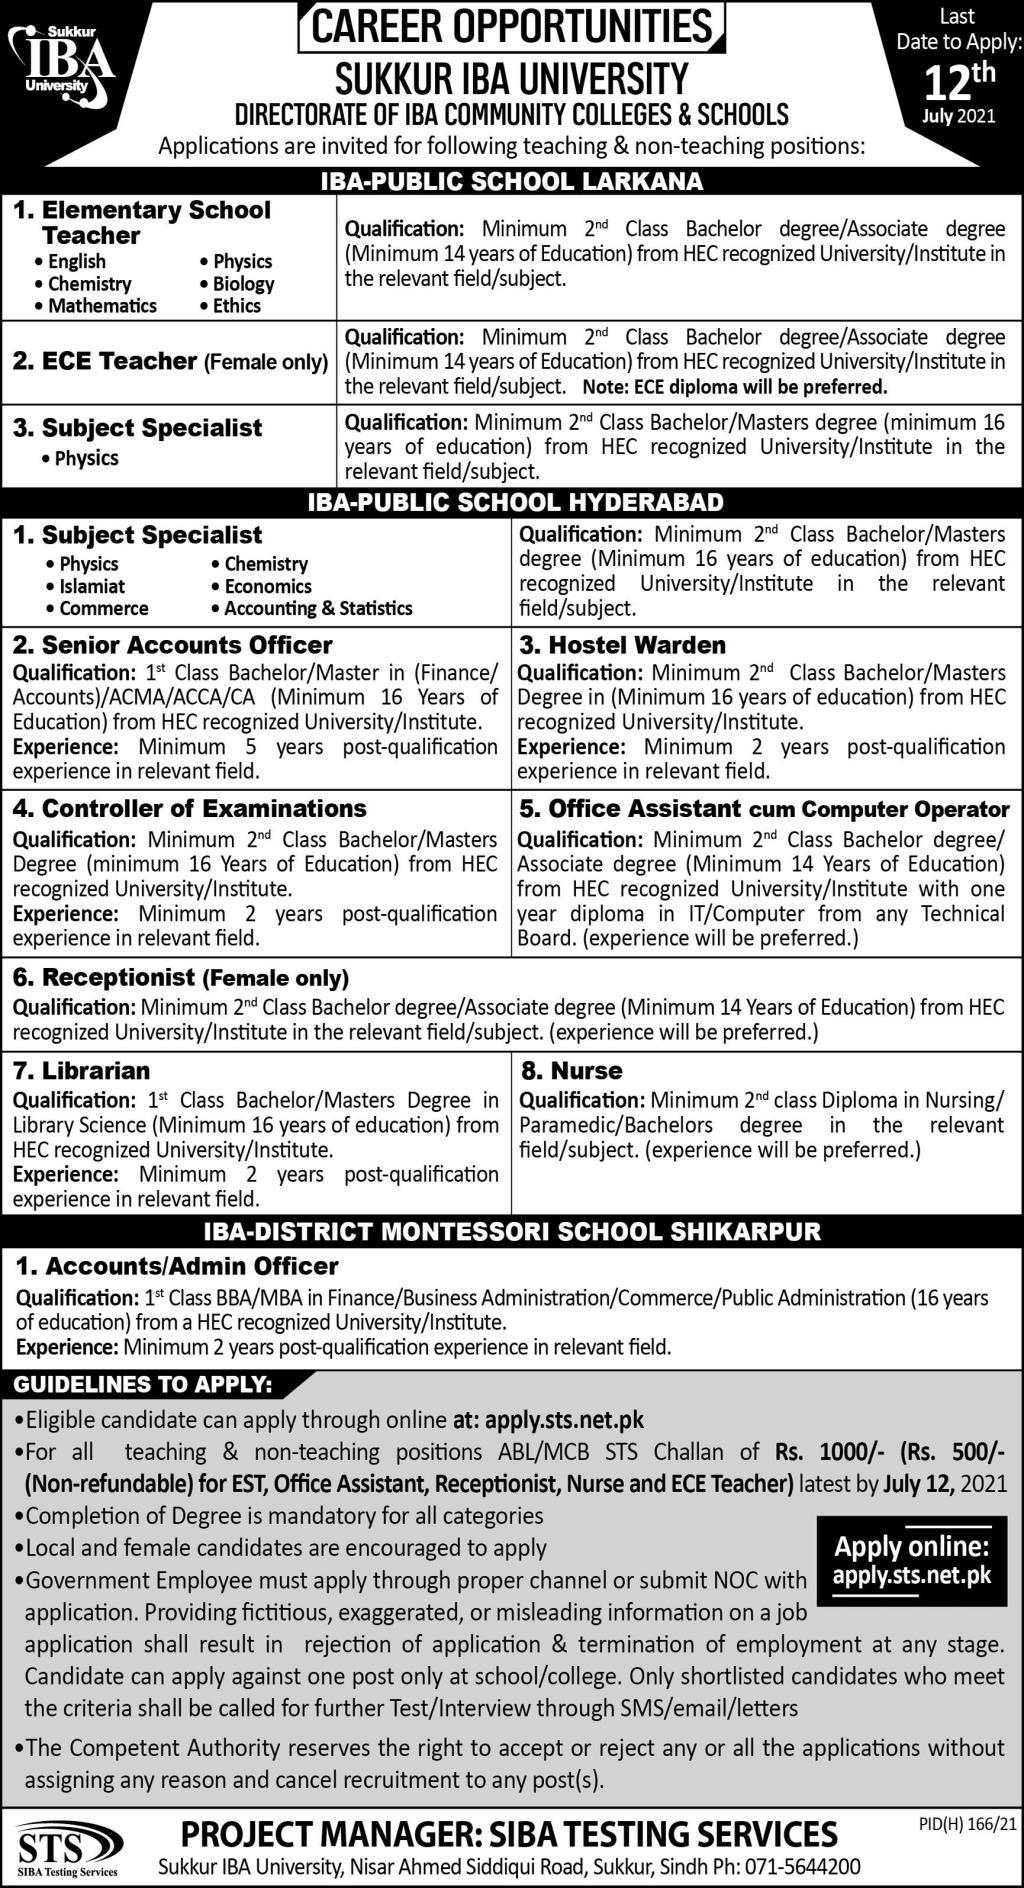 apply.sts.net.pk - Sukkur IBA University Jobs 2021 in Pakistan